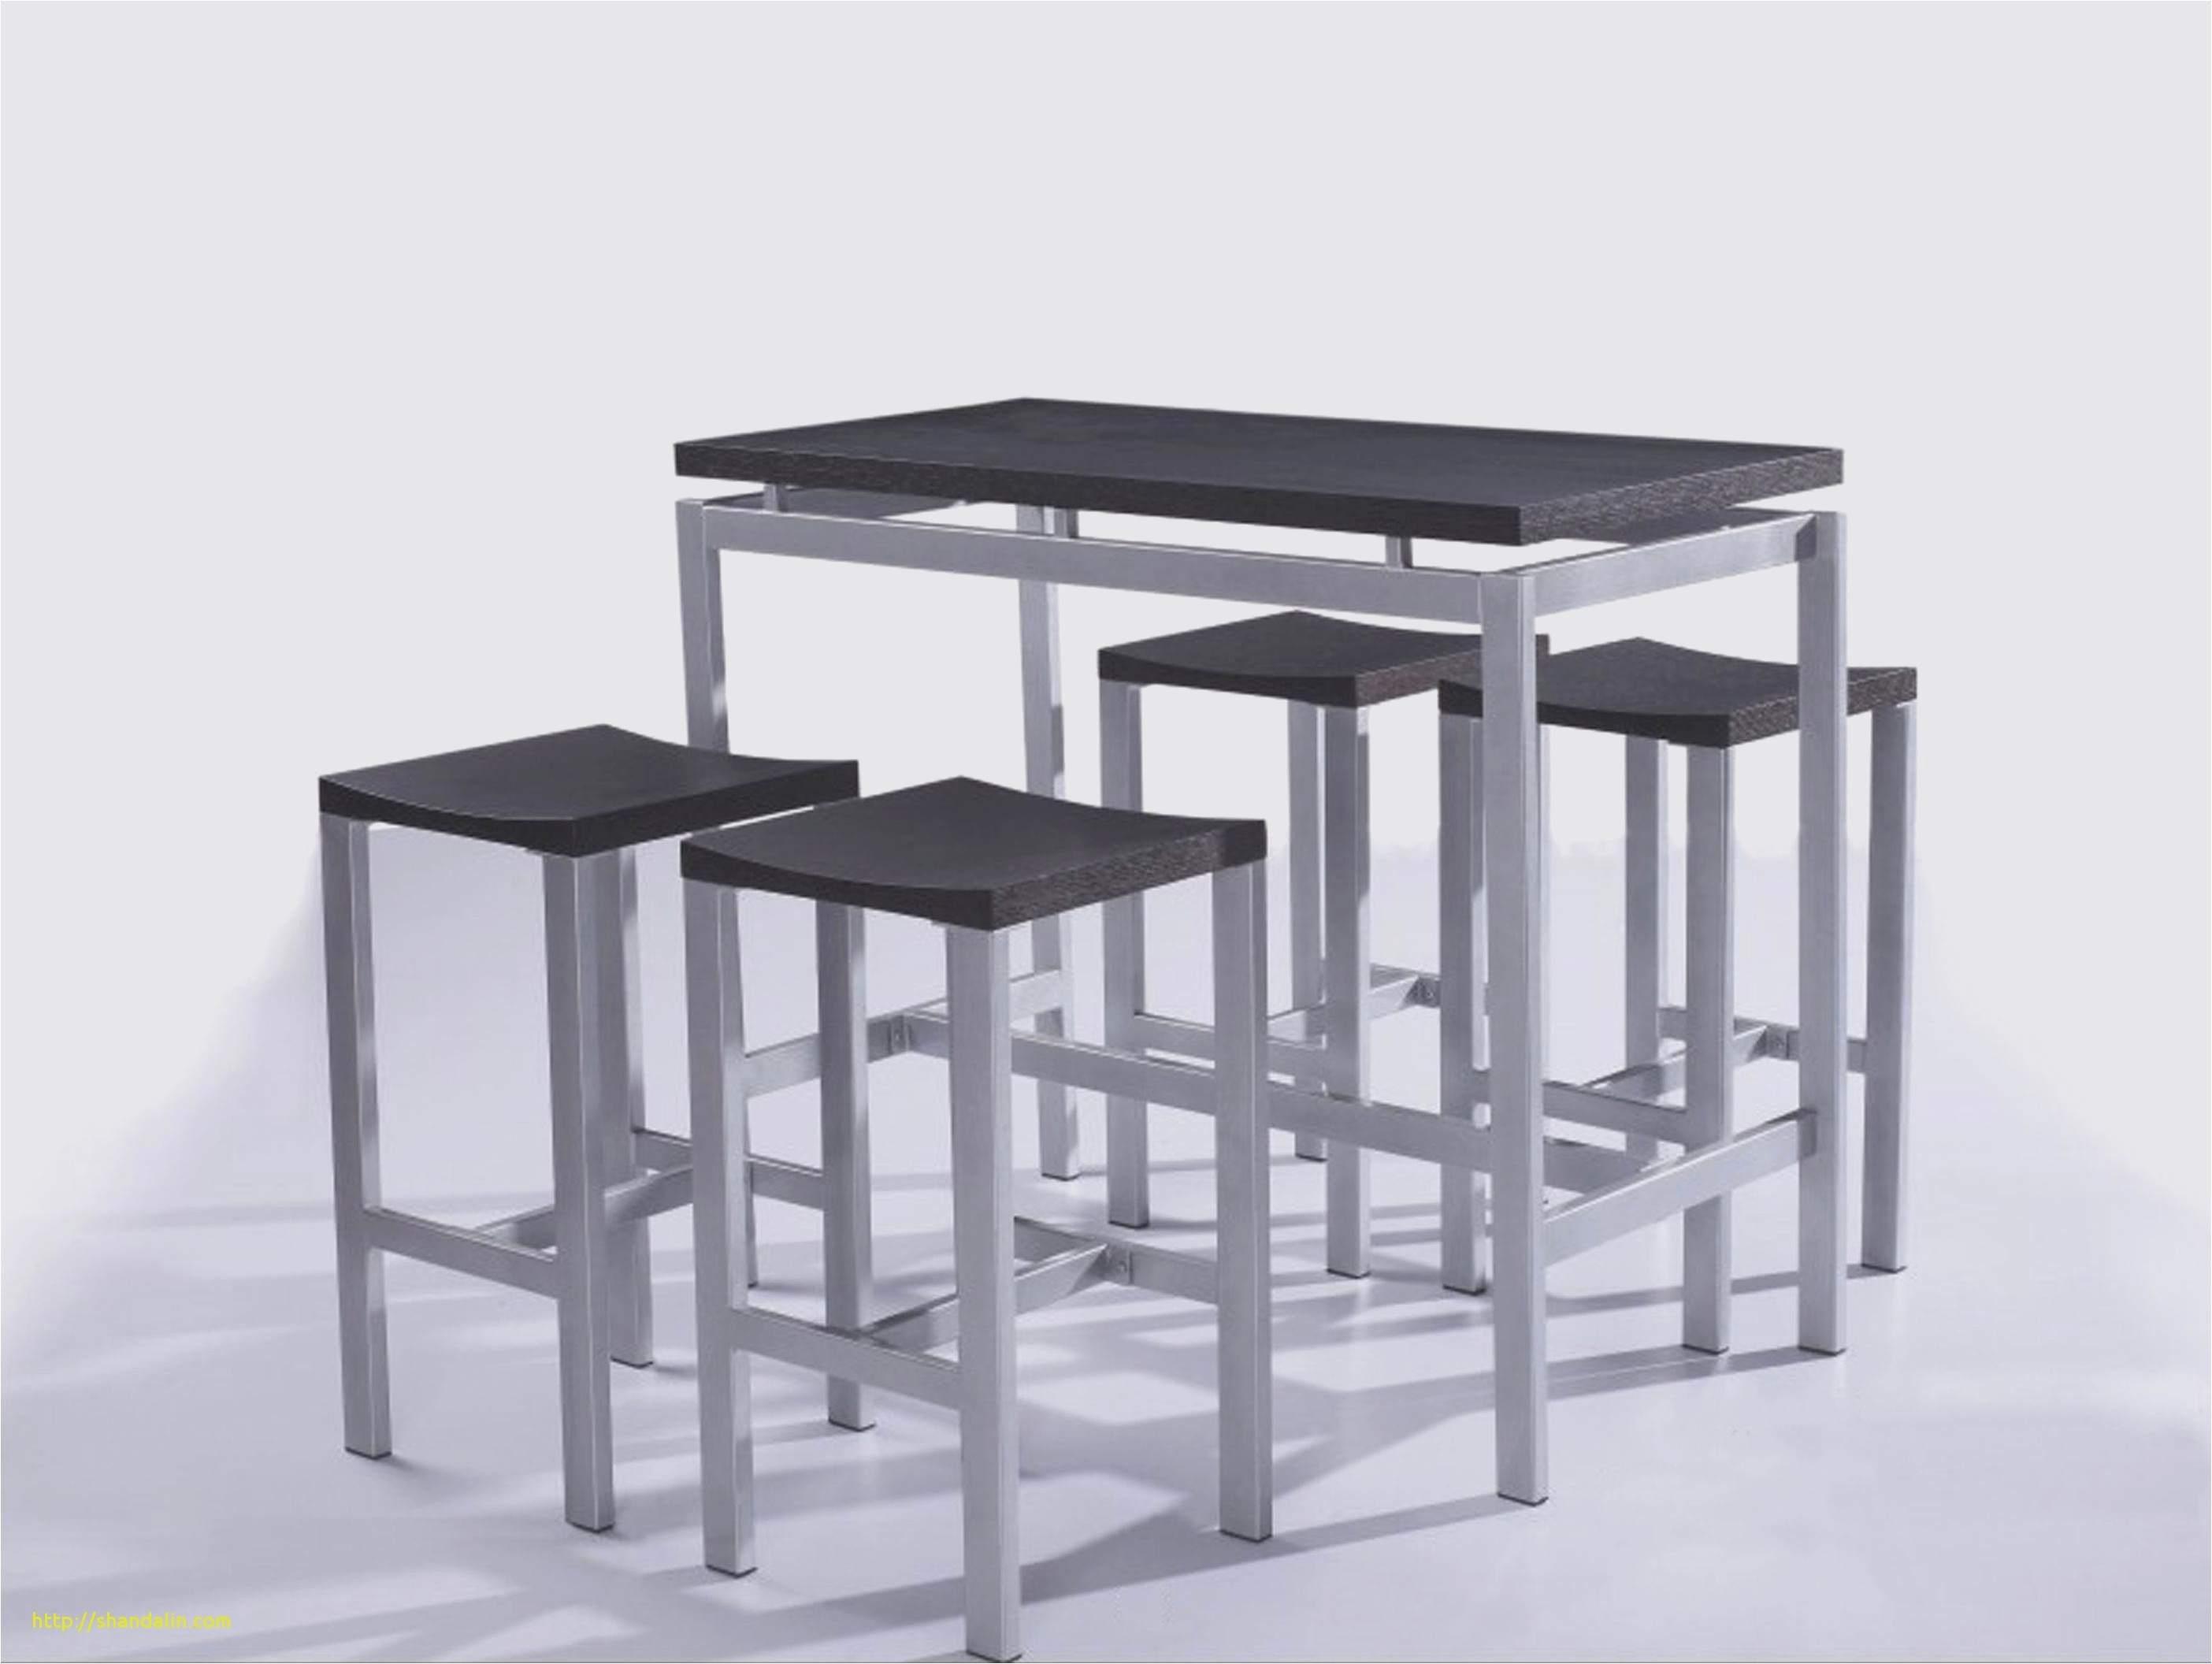 Wc sortie Verticale Bricomarche Meilleur De Photographie 18 Moderne Table De Jardin Bri Arché Galerie De Cuisine Jardin